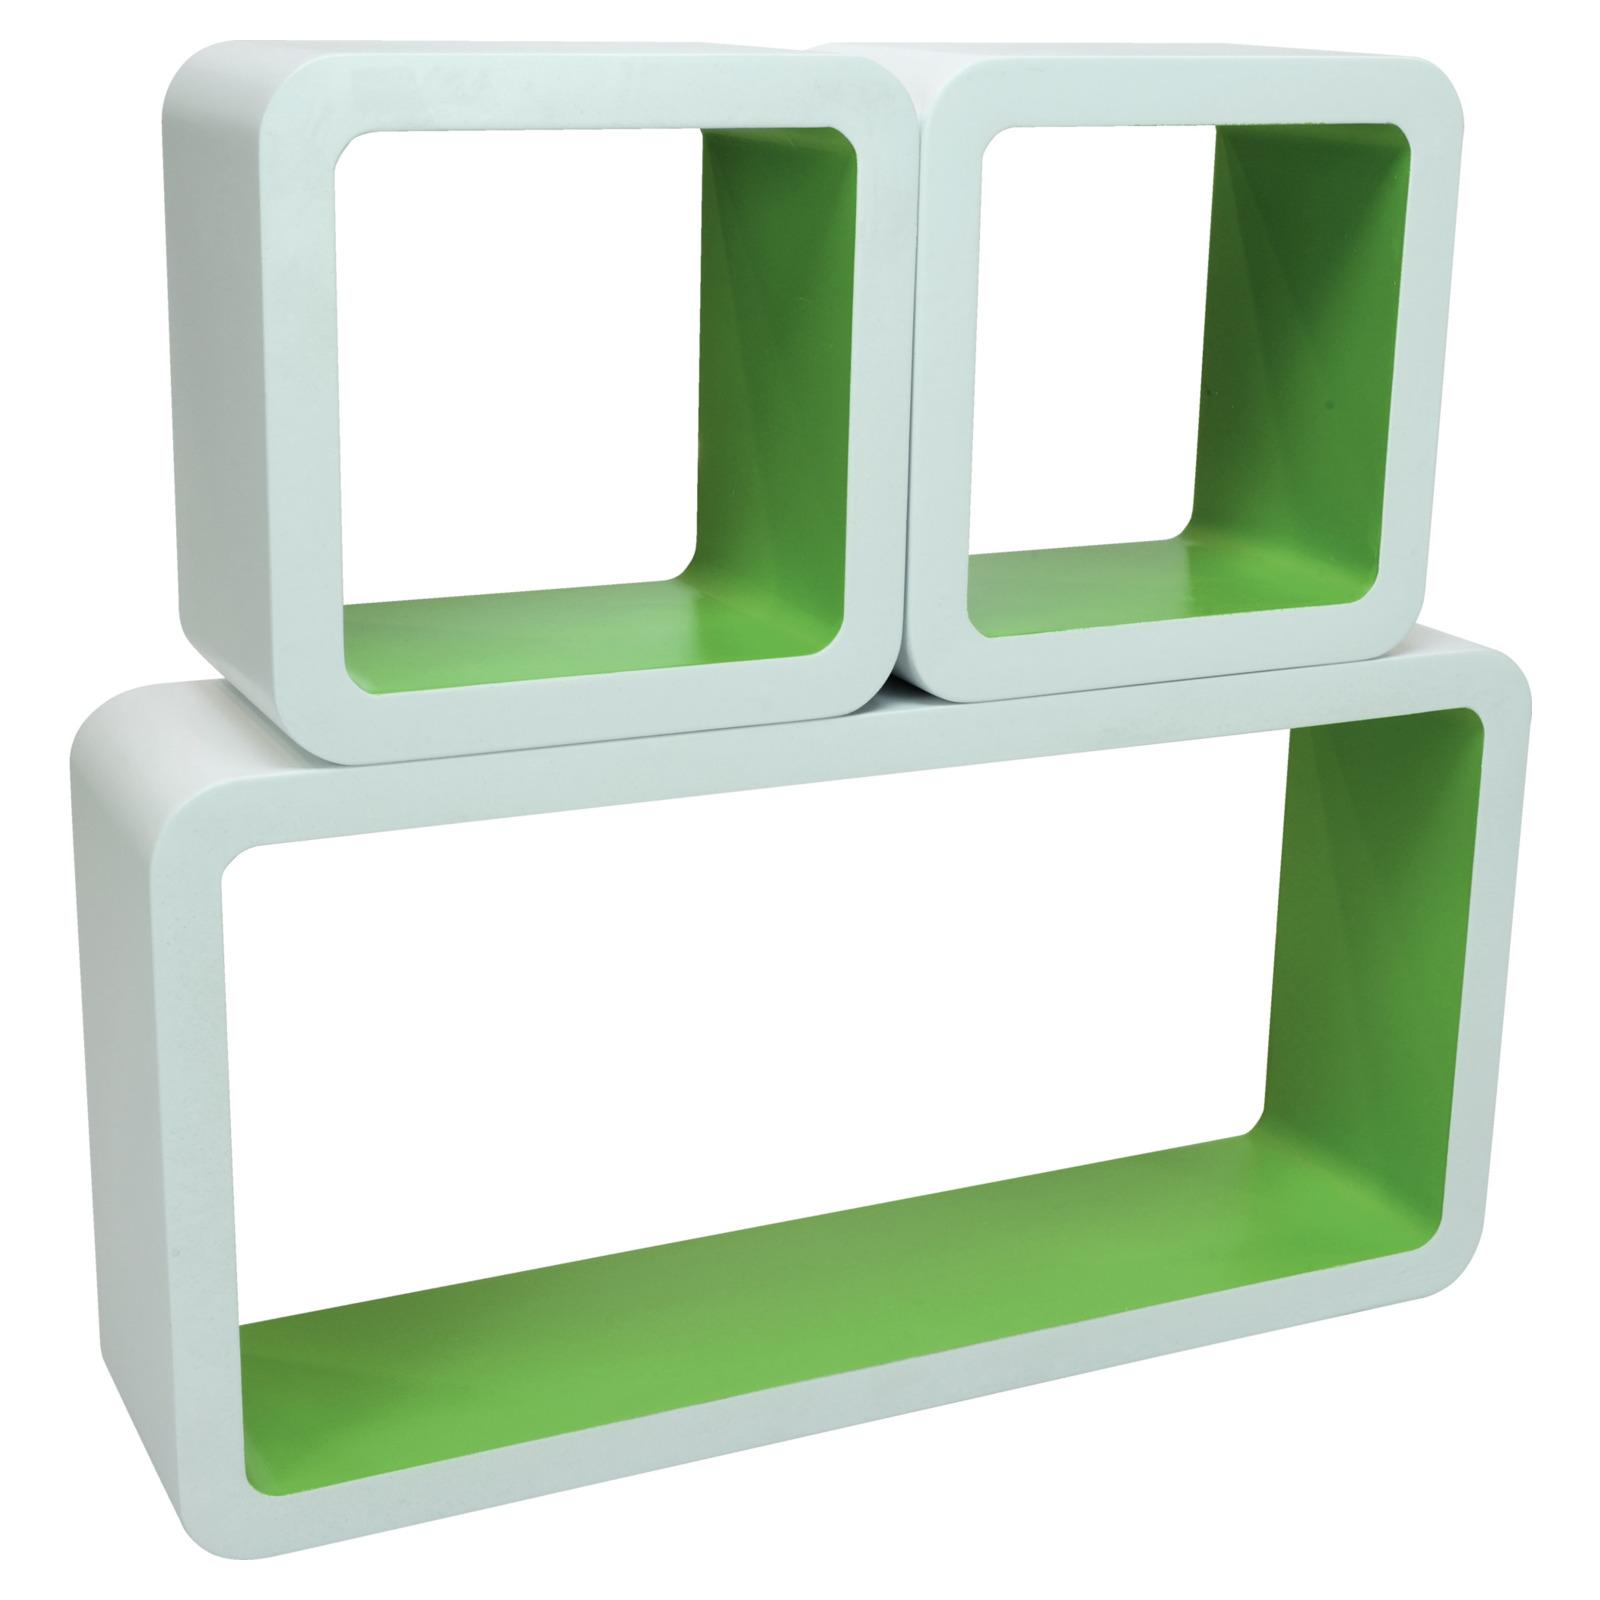 cubus set 3 teilig 2 farbig deko podeste cubus sets. Black Bedroom Furniture Sets. Home Design Ideas